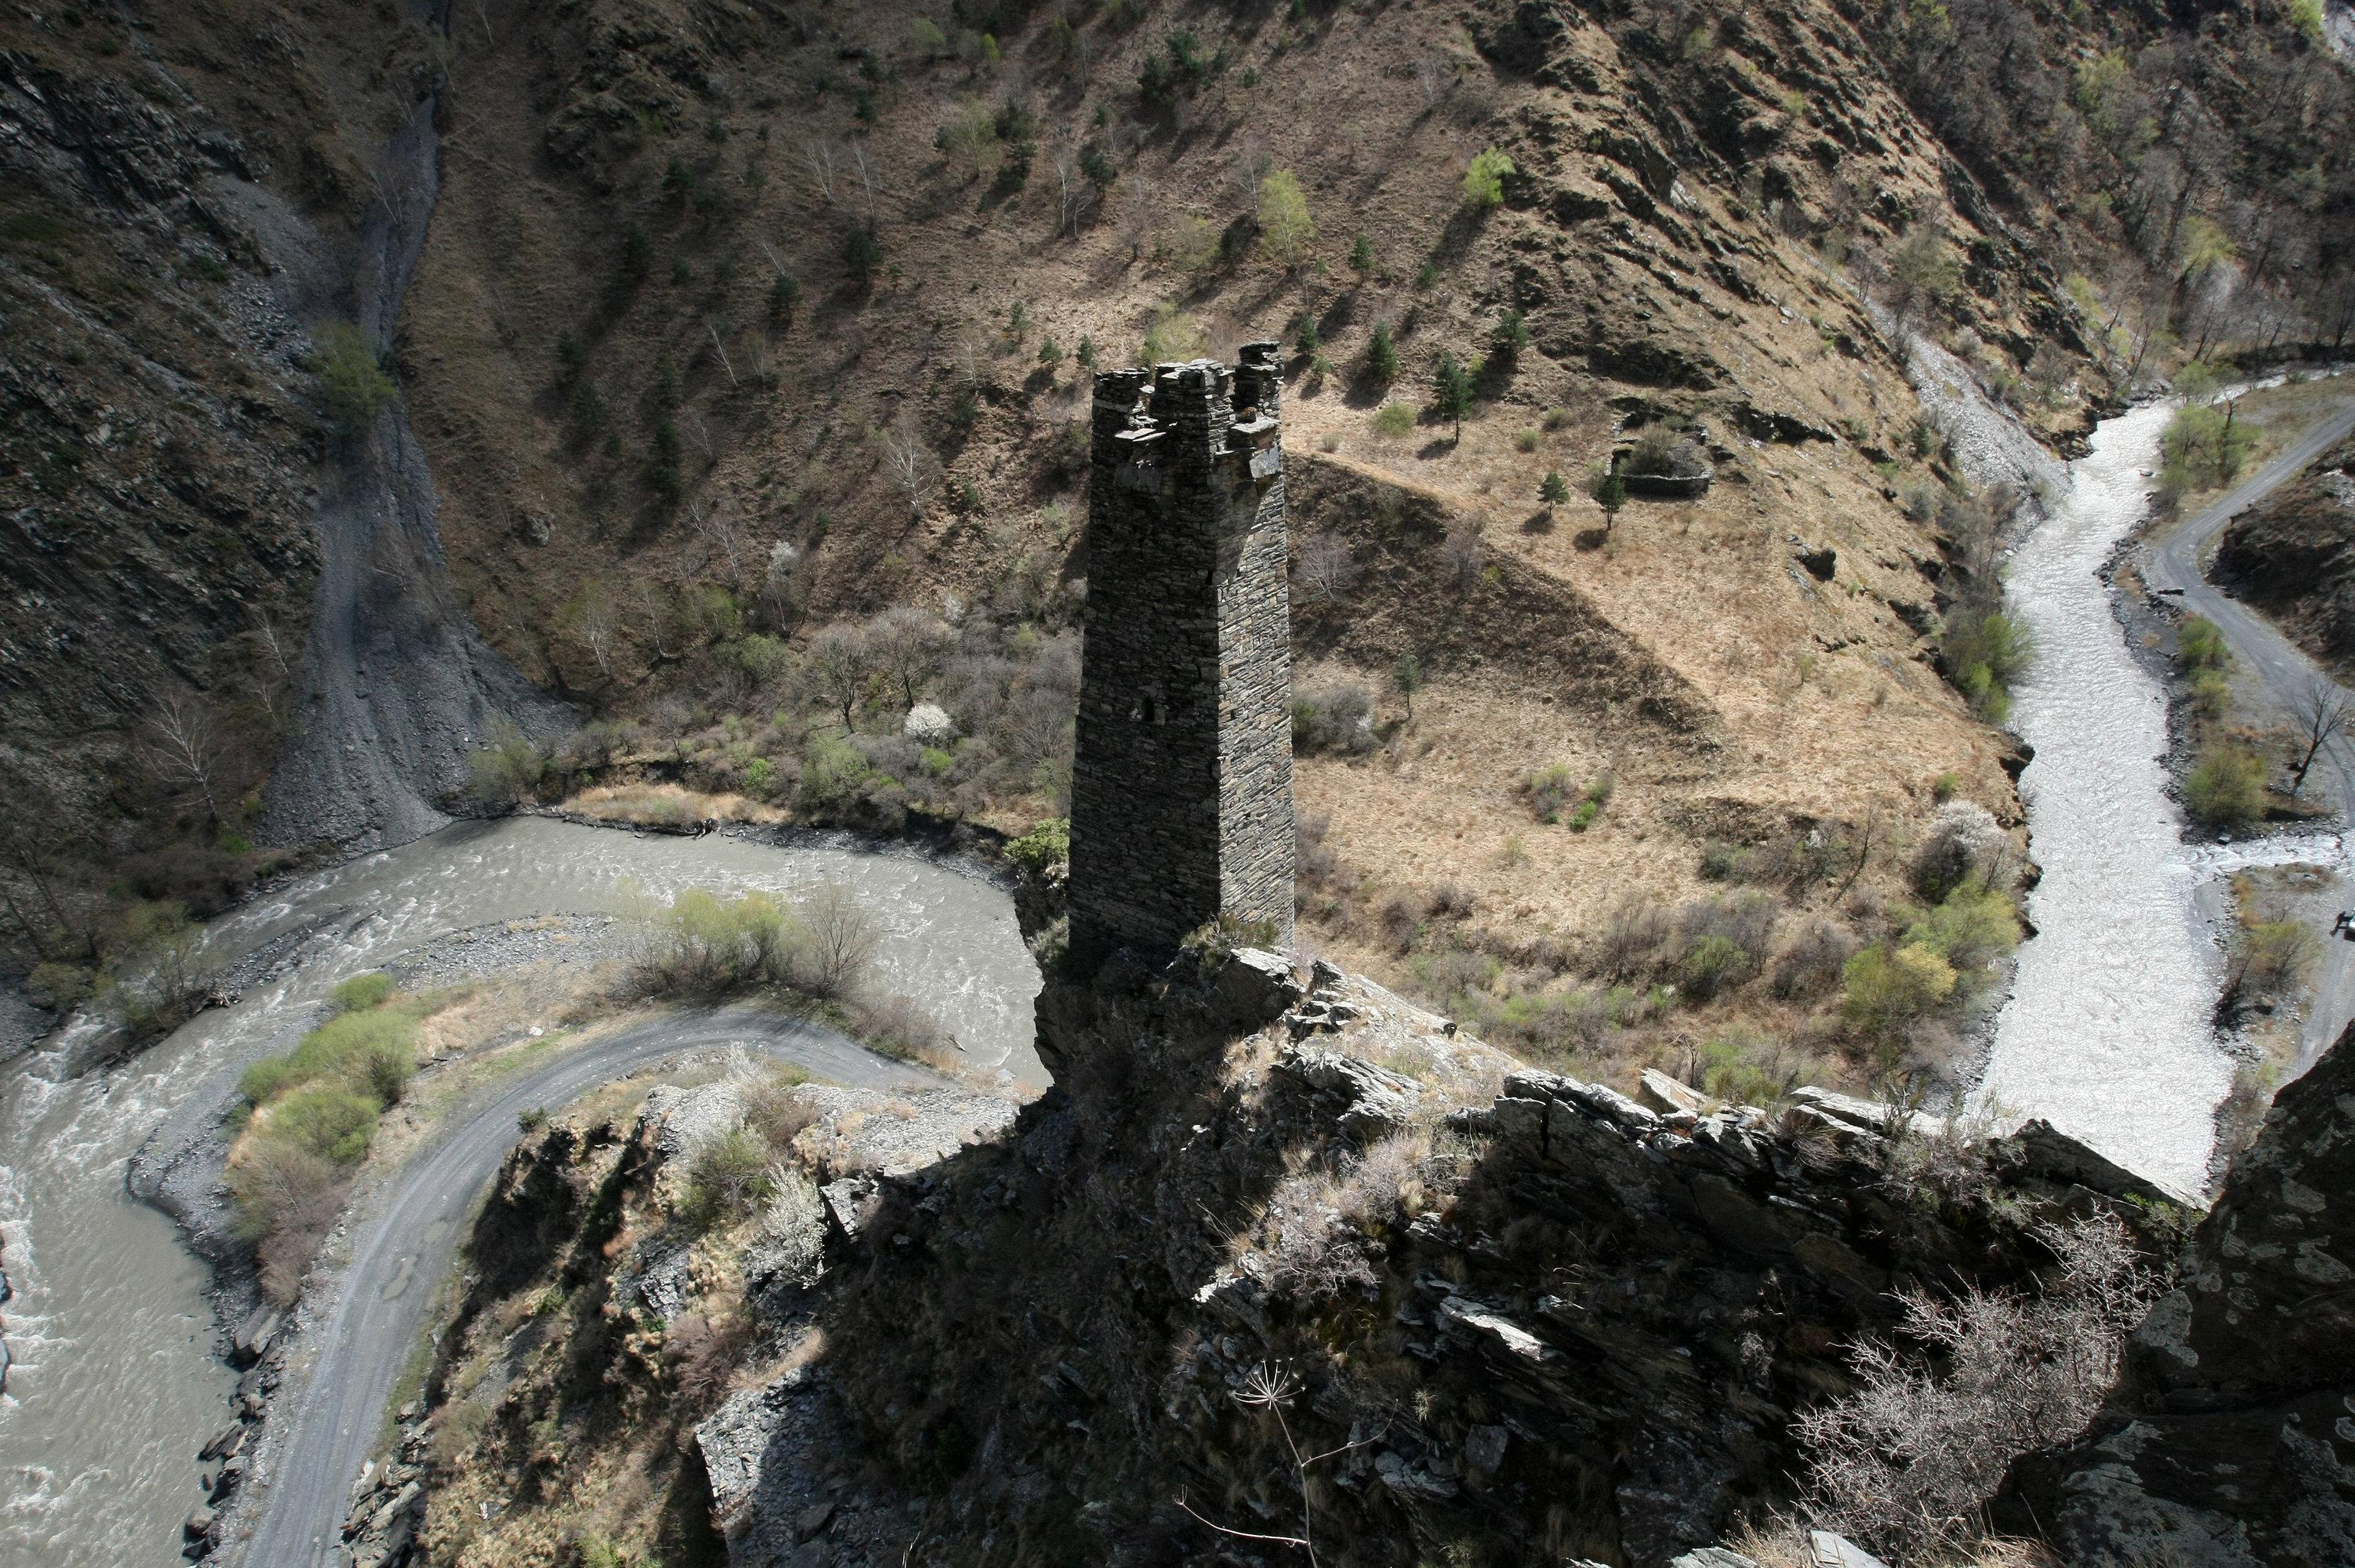 Torre do necrópole Tsoi-Pede na reserva natural Argunsky, distrito de Itum-Kalinsky, república de Chechênia perto da fronteira com a Geórgia, Rússia